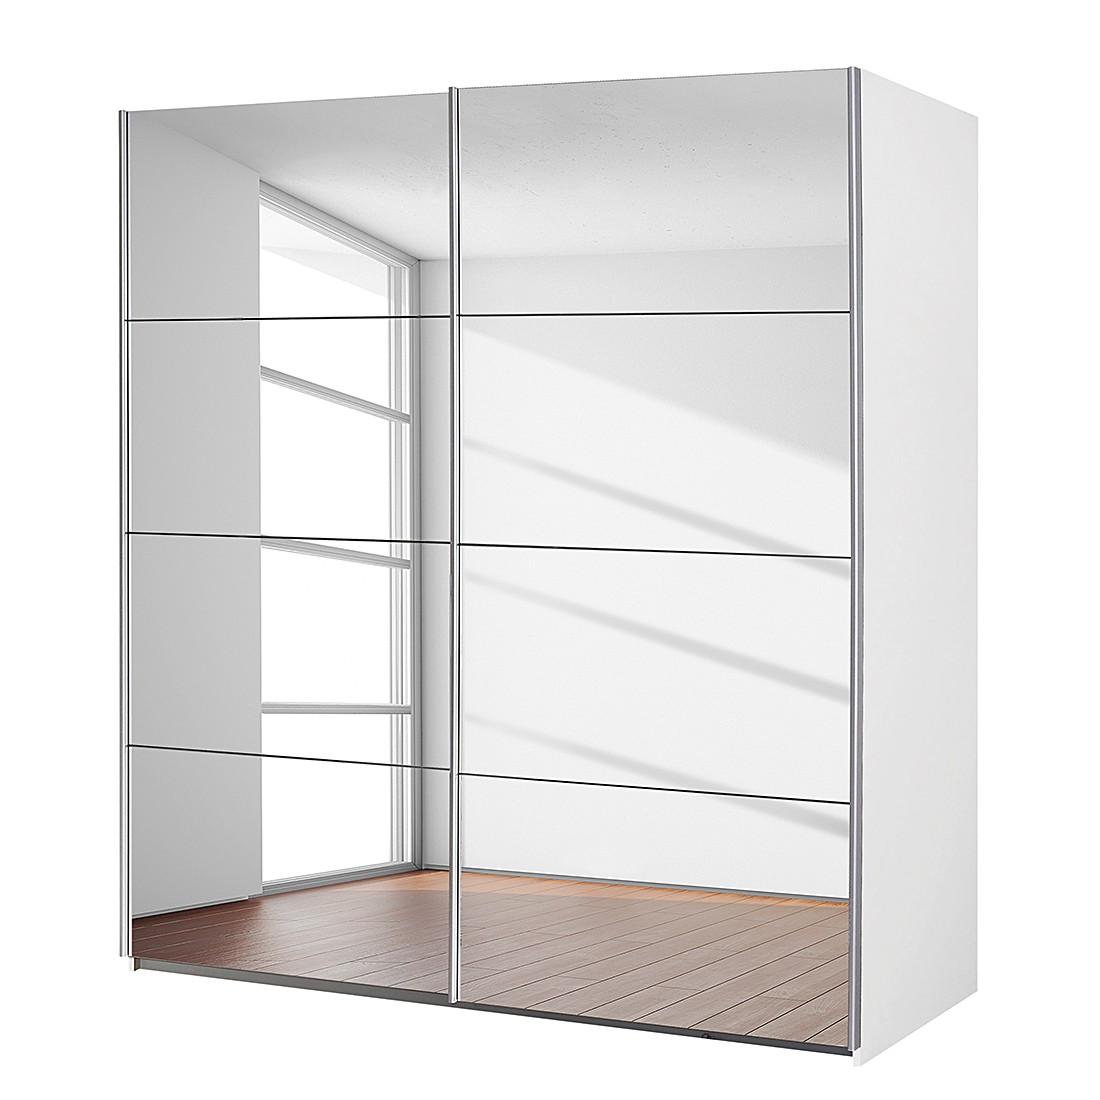 goedkoop Zweefdeurkast Subito 2 spiegeldeuren Alpinewit 136cm 2 deurs Rauch Packs